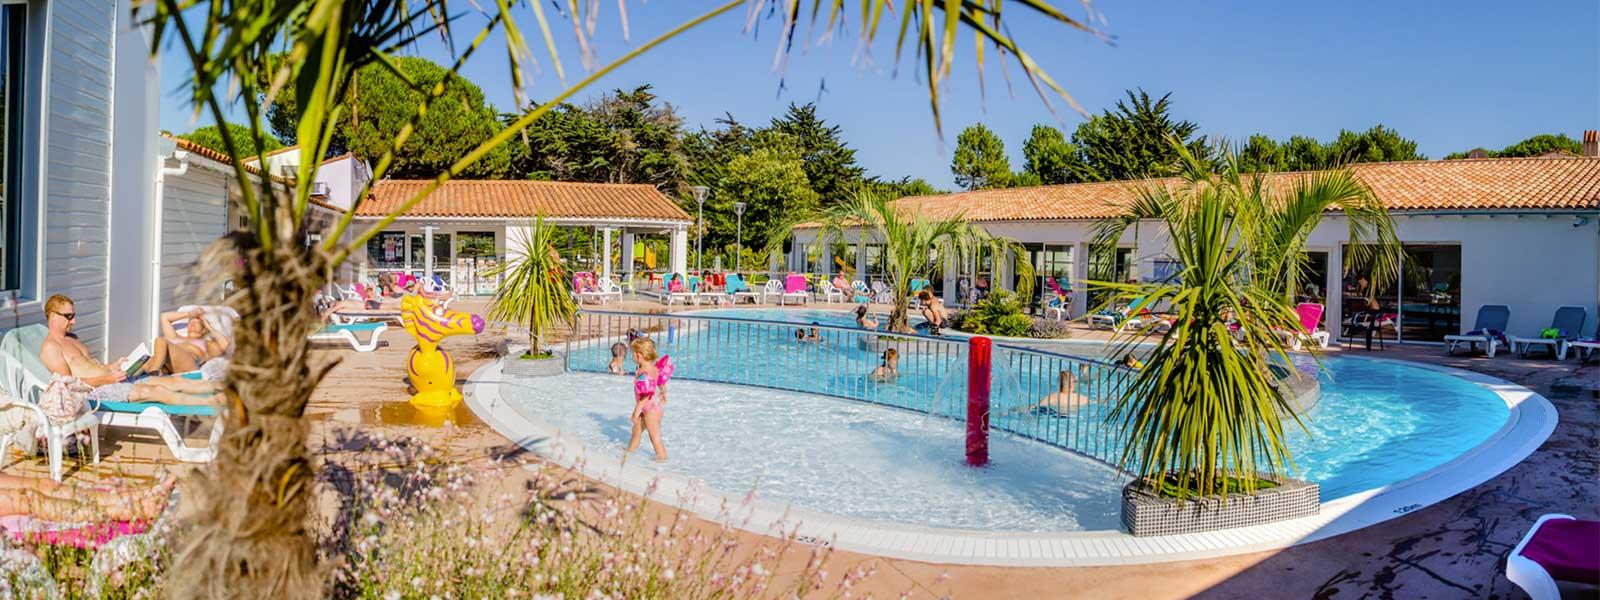 Camping Ile De Ré | Bois Plage | Les Varennes | Charente ... encequiconcerne Camping Ile De Ré Avec Piscine